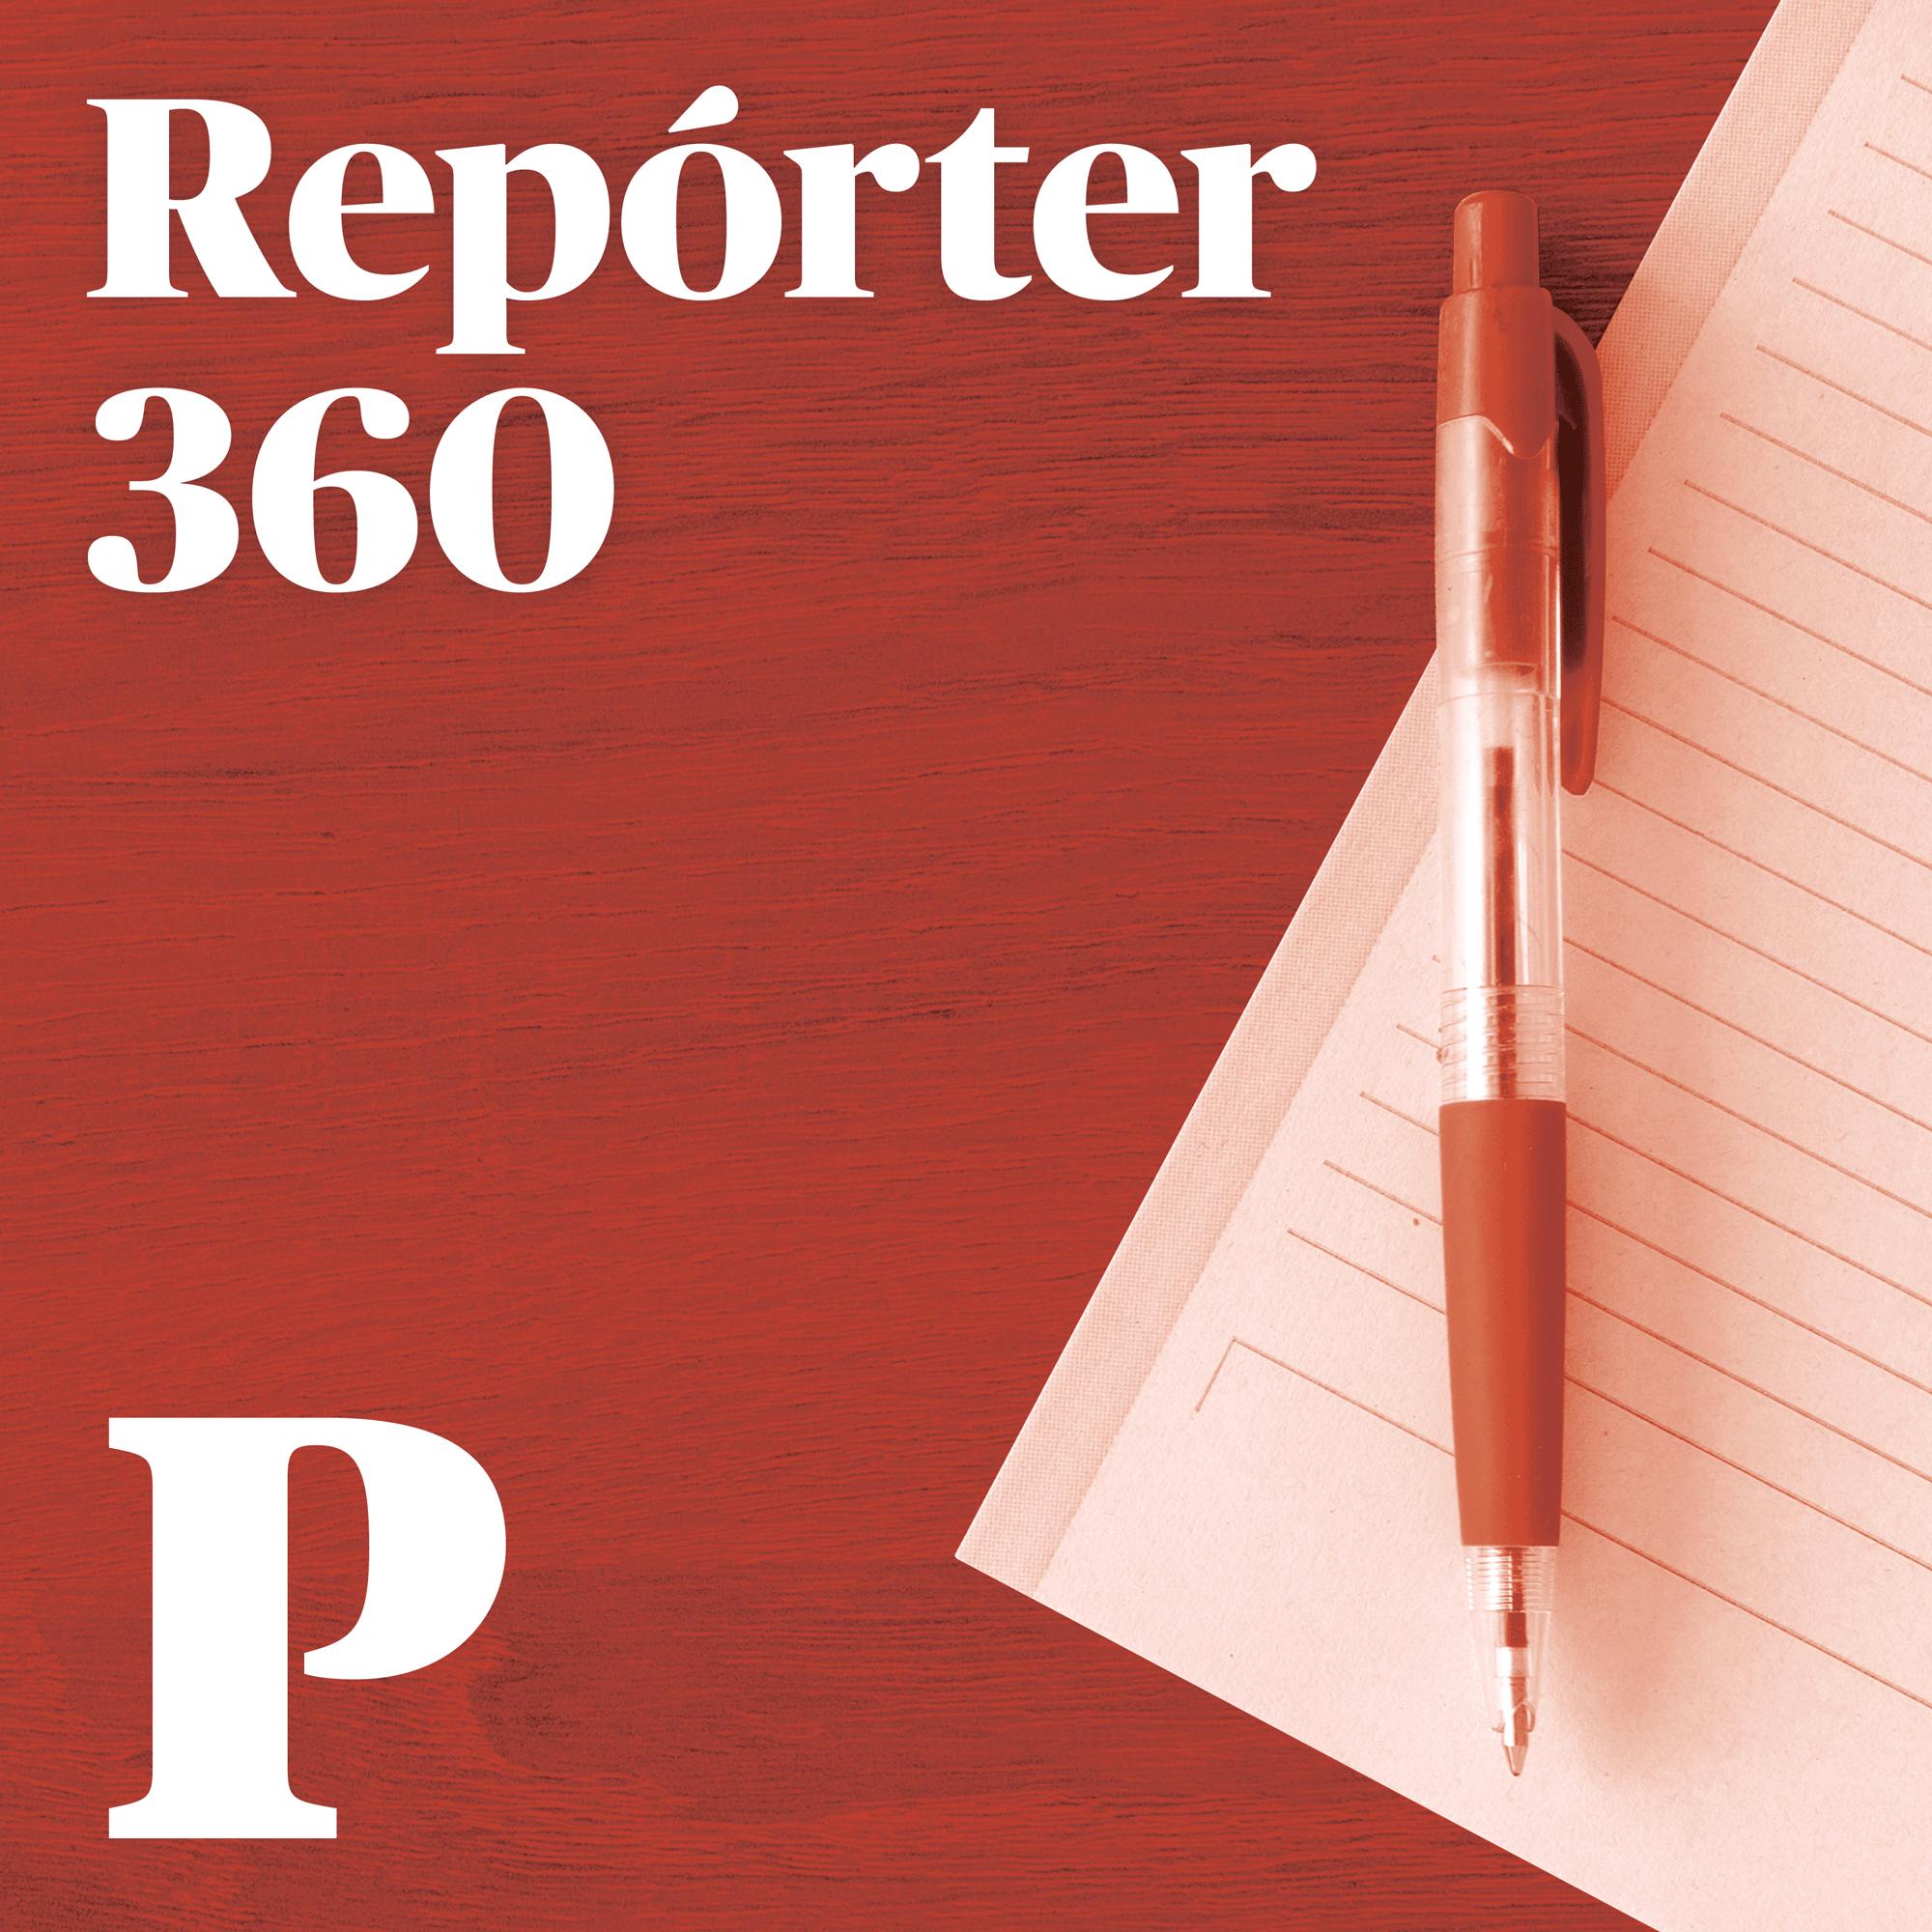 Repórter 360 podcast show image